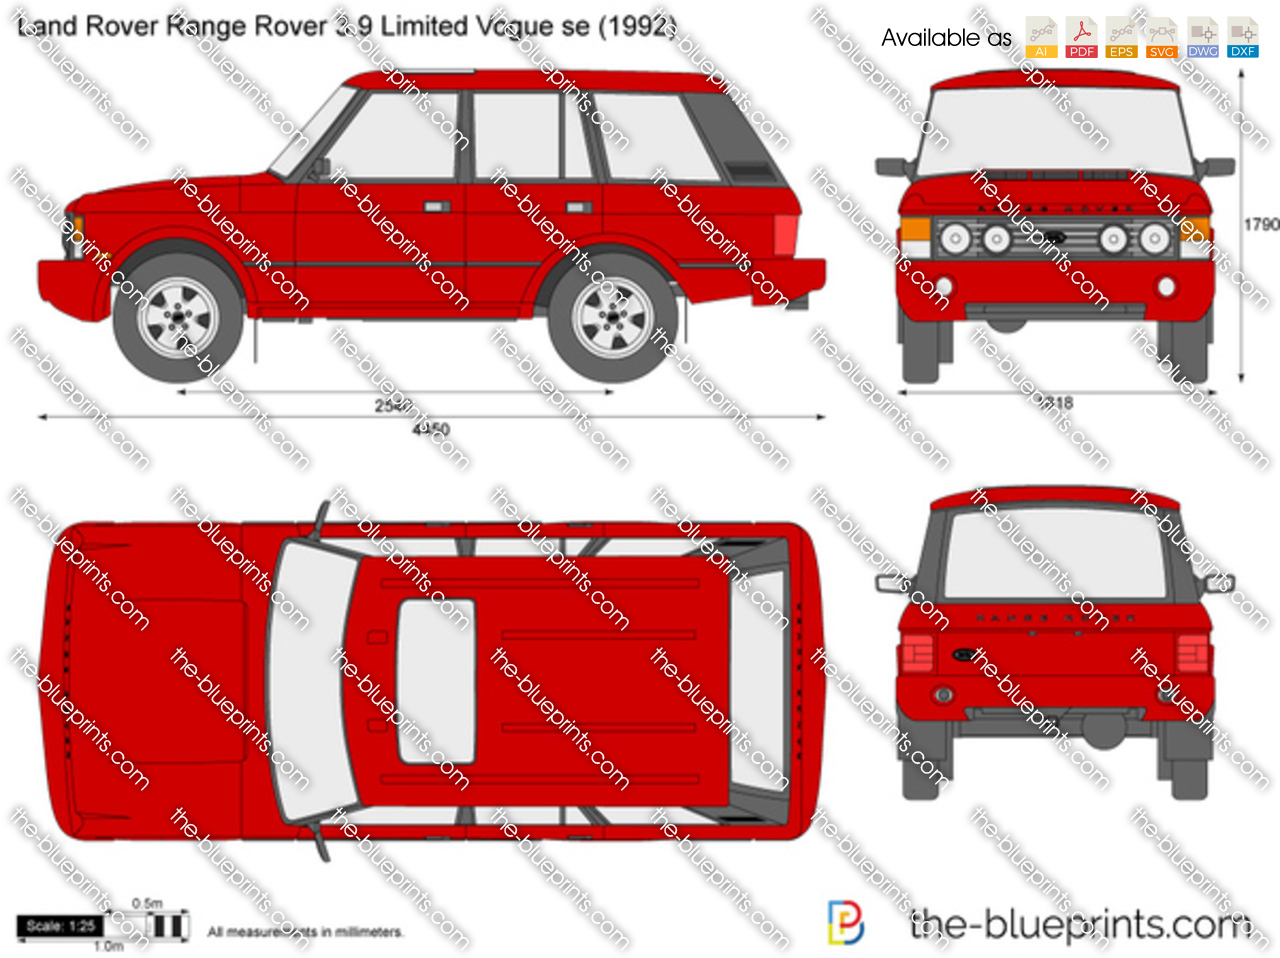 Land Rover Range Rover 3.9 Limited Vogue se